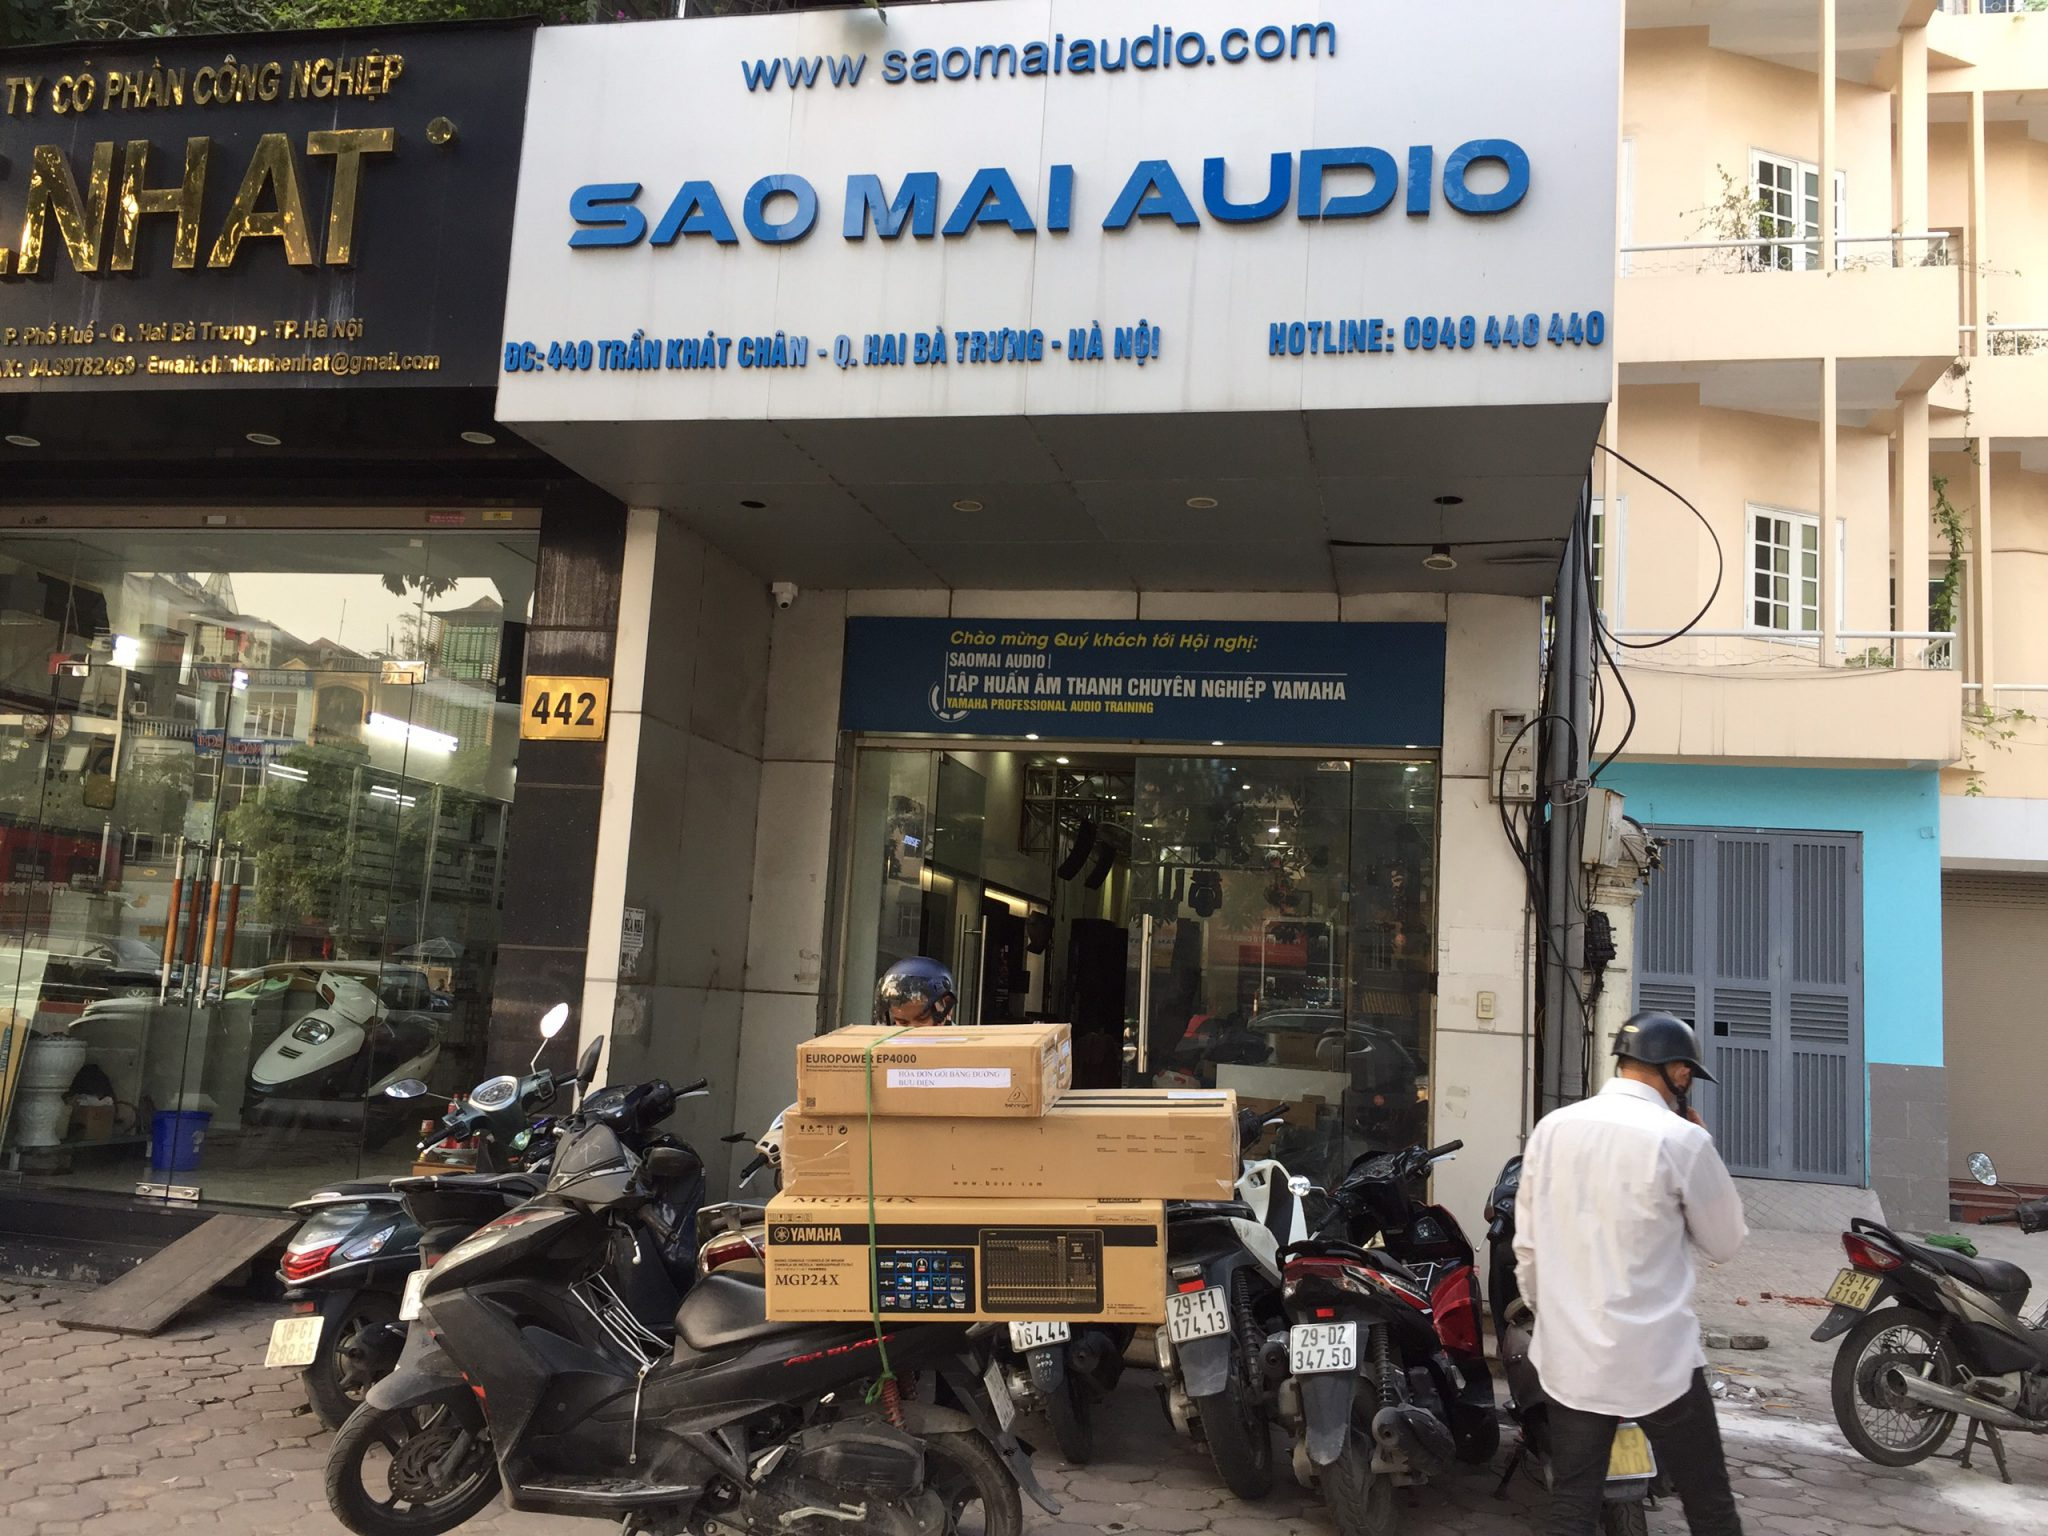 Saomai Audio - Lắp đặt âm thanh chính hãng số 1 Việt Nam